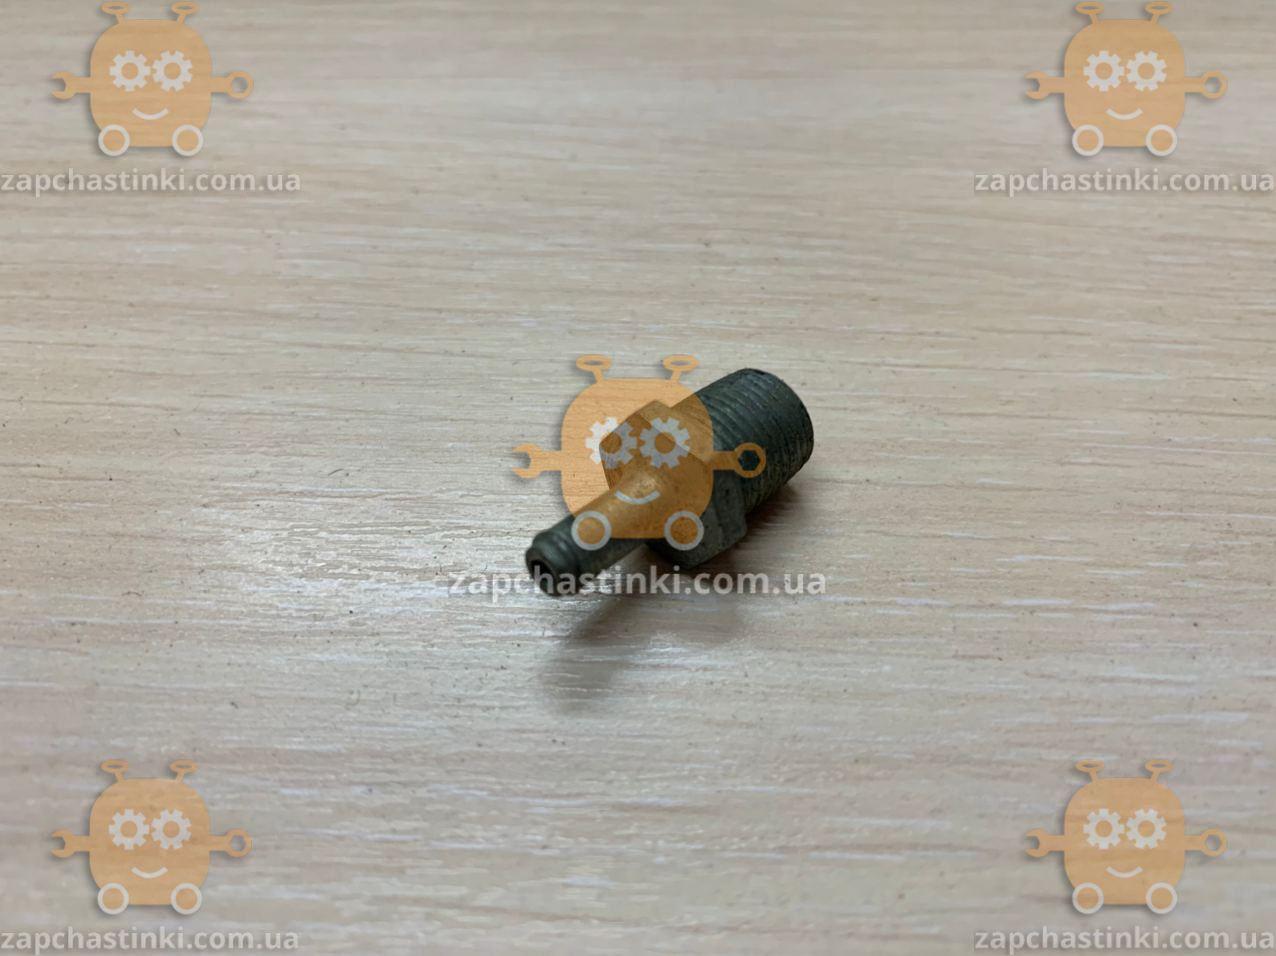 Штуцер забору вакууму УАЗ 3163 Патріот ф4мм різьблення на 10х1мм (пр-во УАЗ)